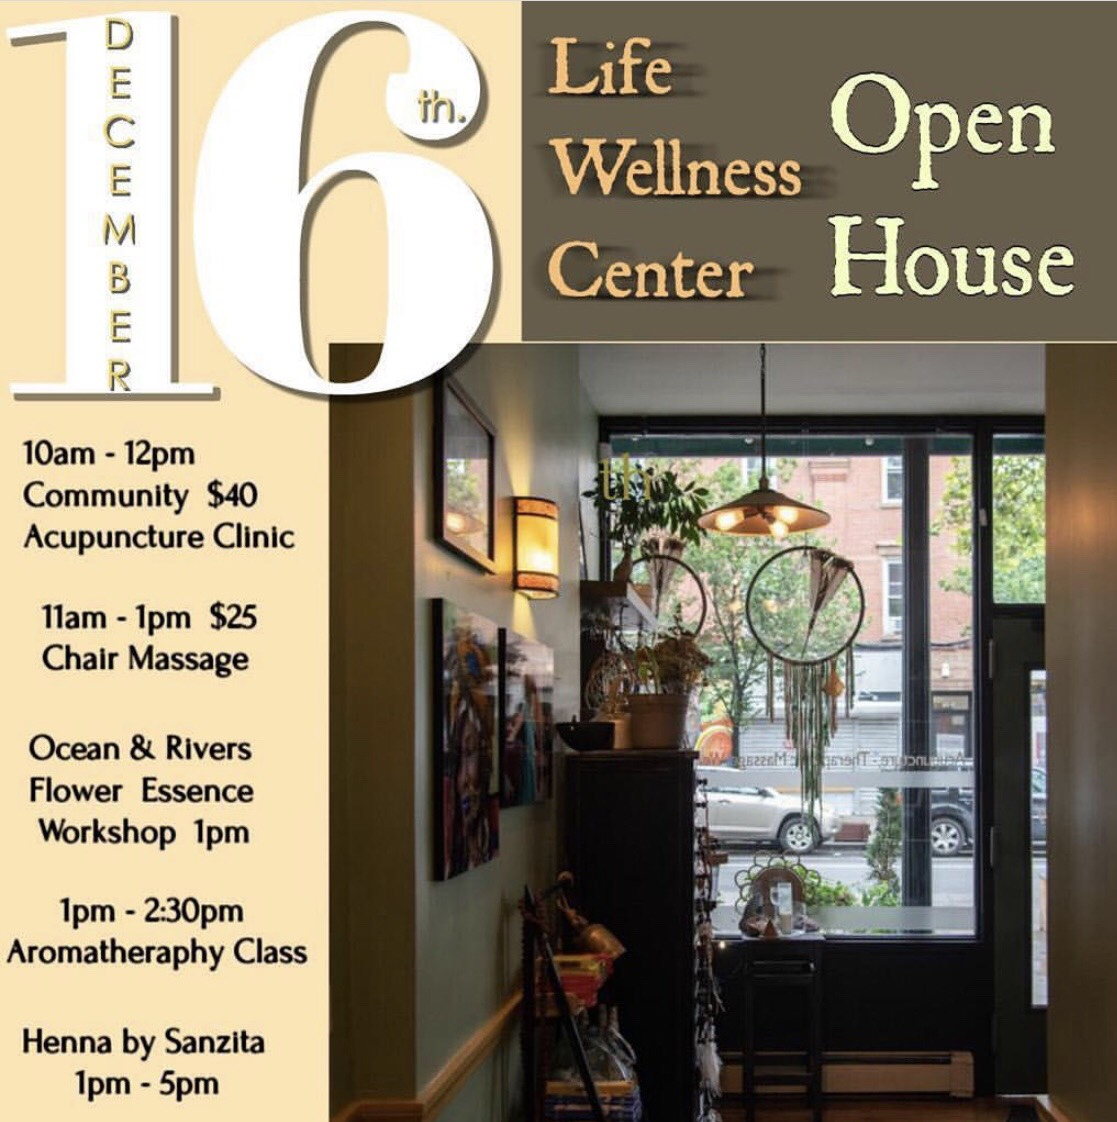 lwc3-open house.jpg